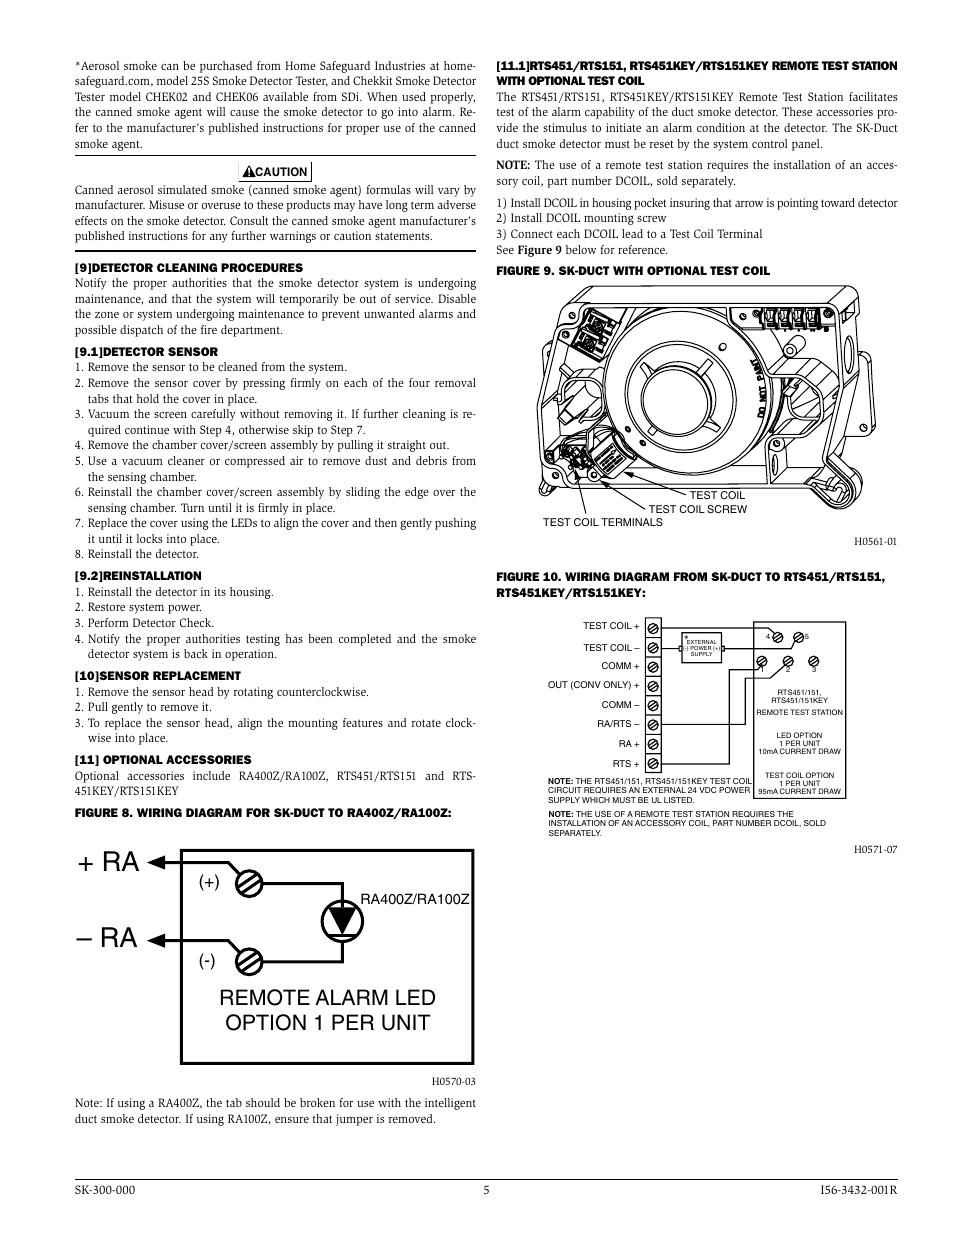 siemens duct detector wiring diagram siemens ad2